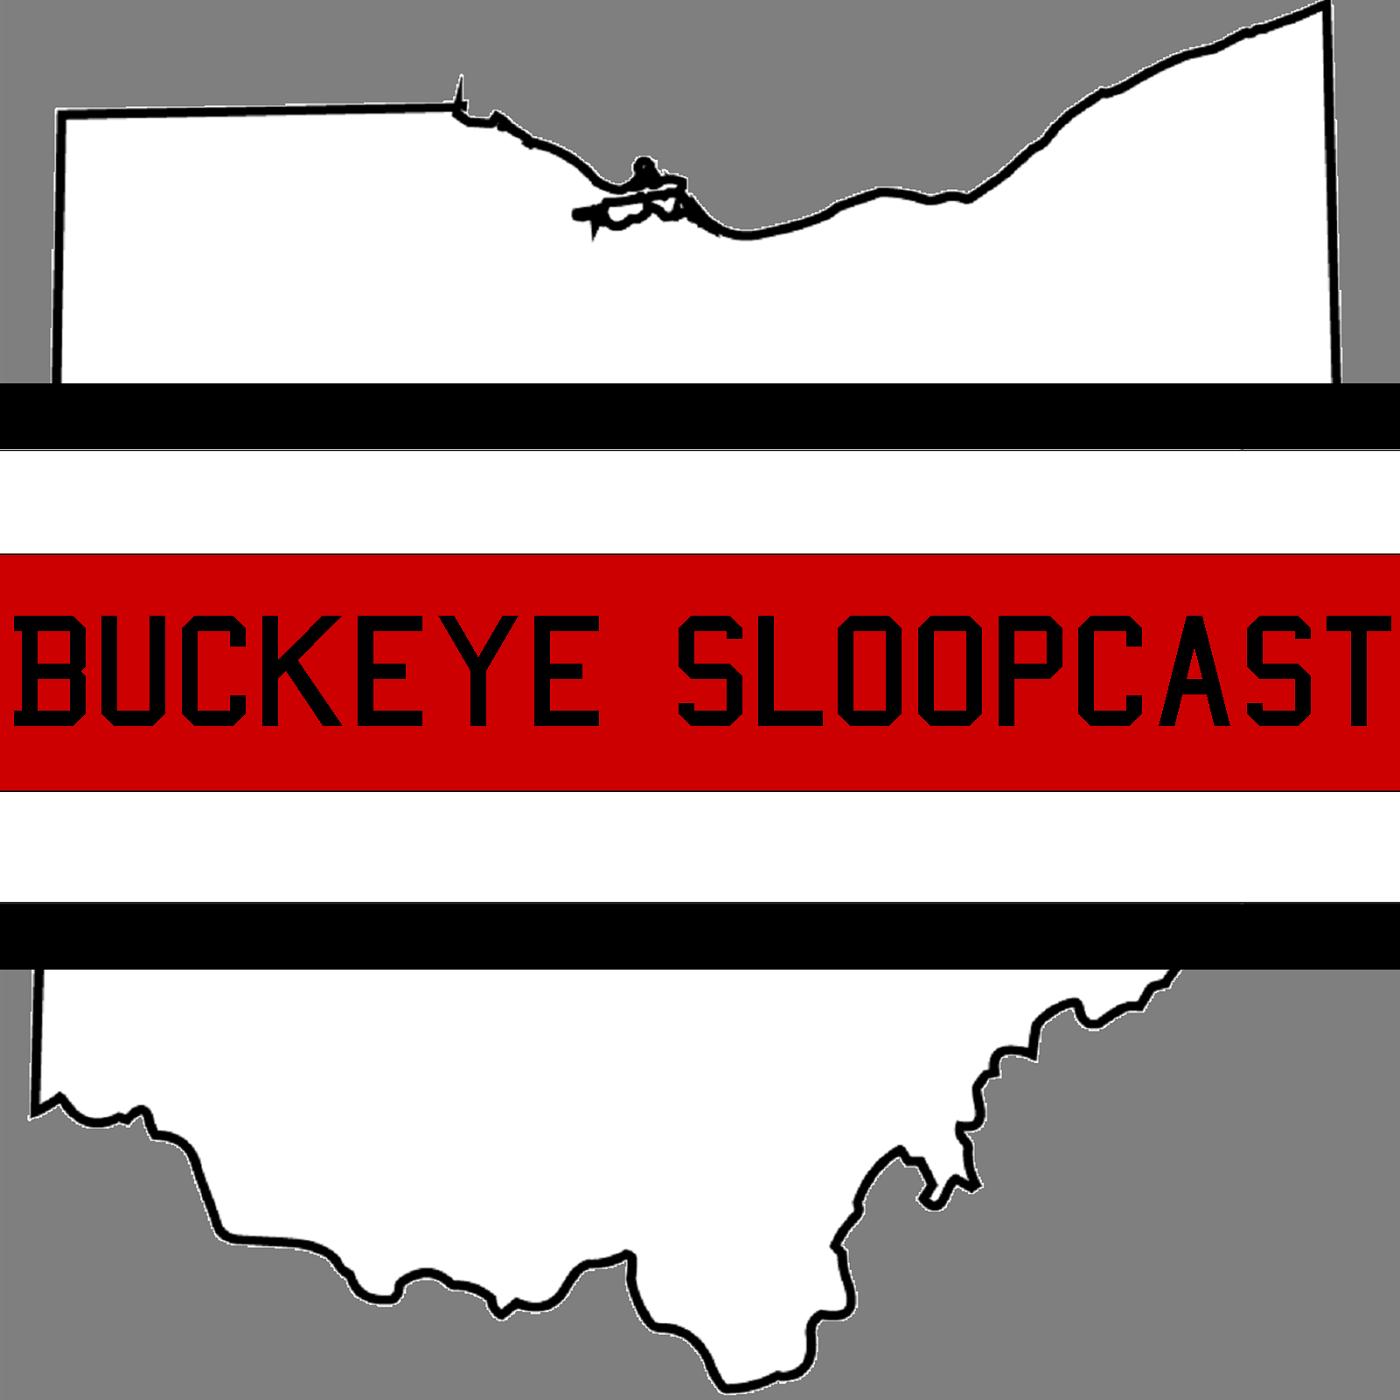 The Buckeye SloopCast - THE Ohio State Buckeyes Podcast show art